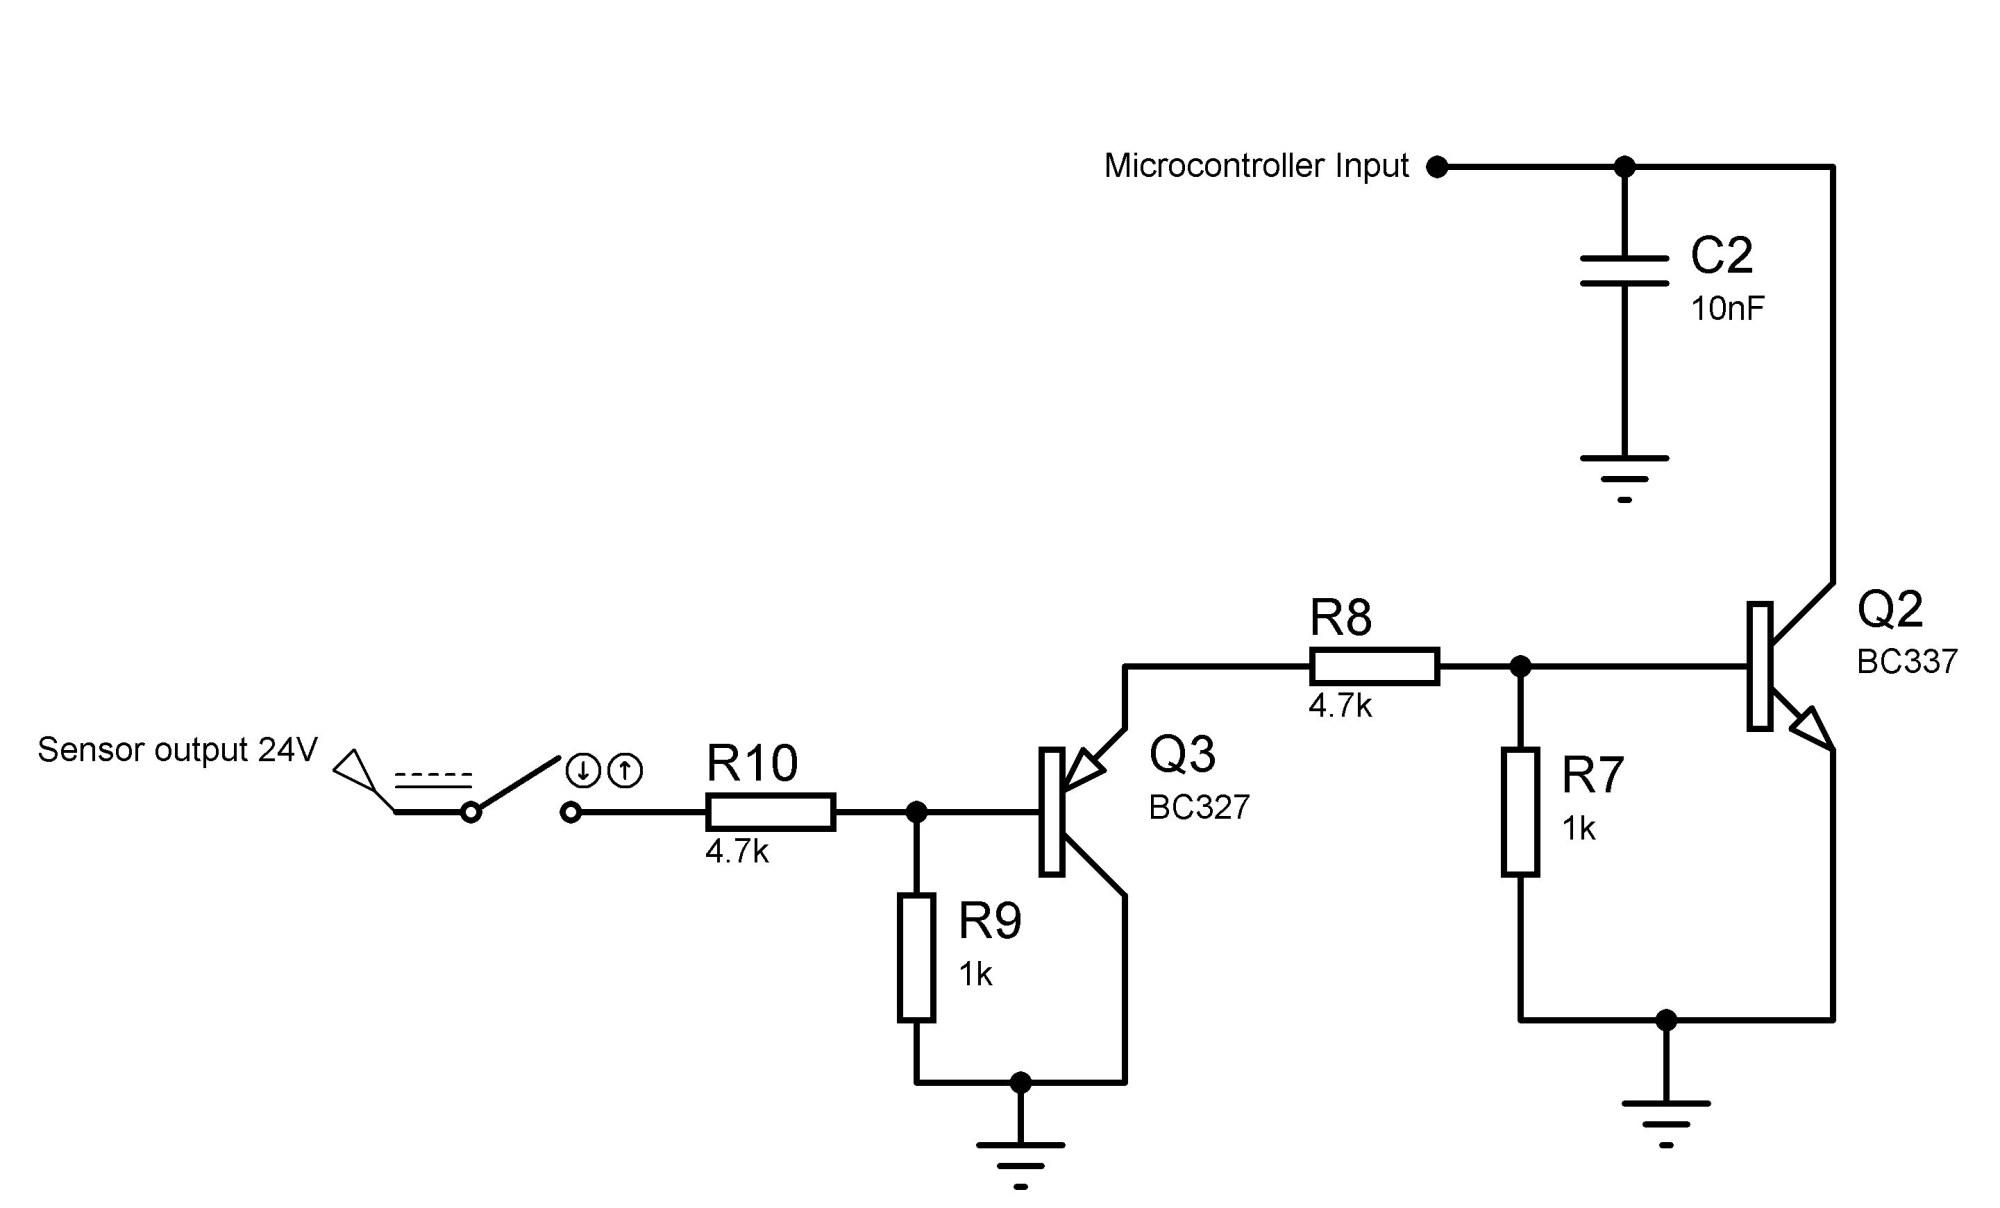 3 Wire Proximity Sensor Wiring Diagram - proximity switch ...  Diagram Wire Proximitywiring on